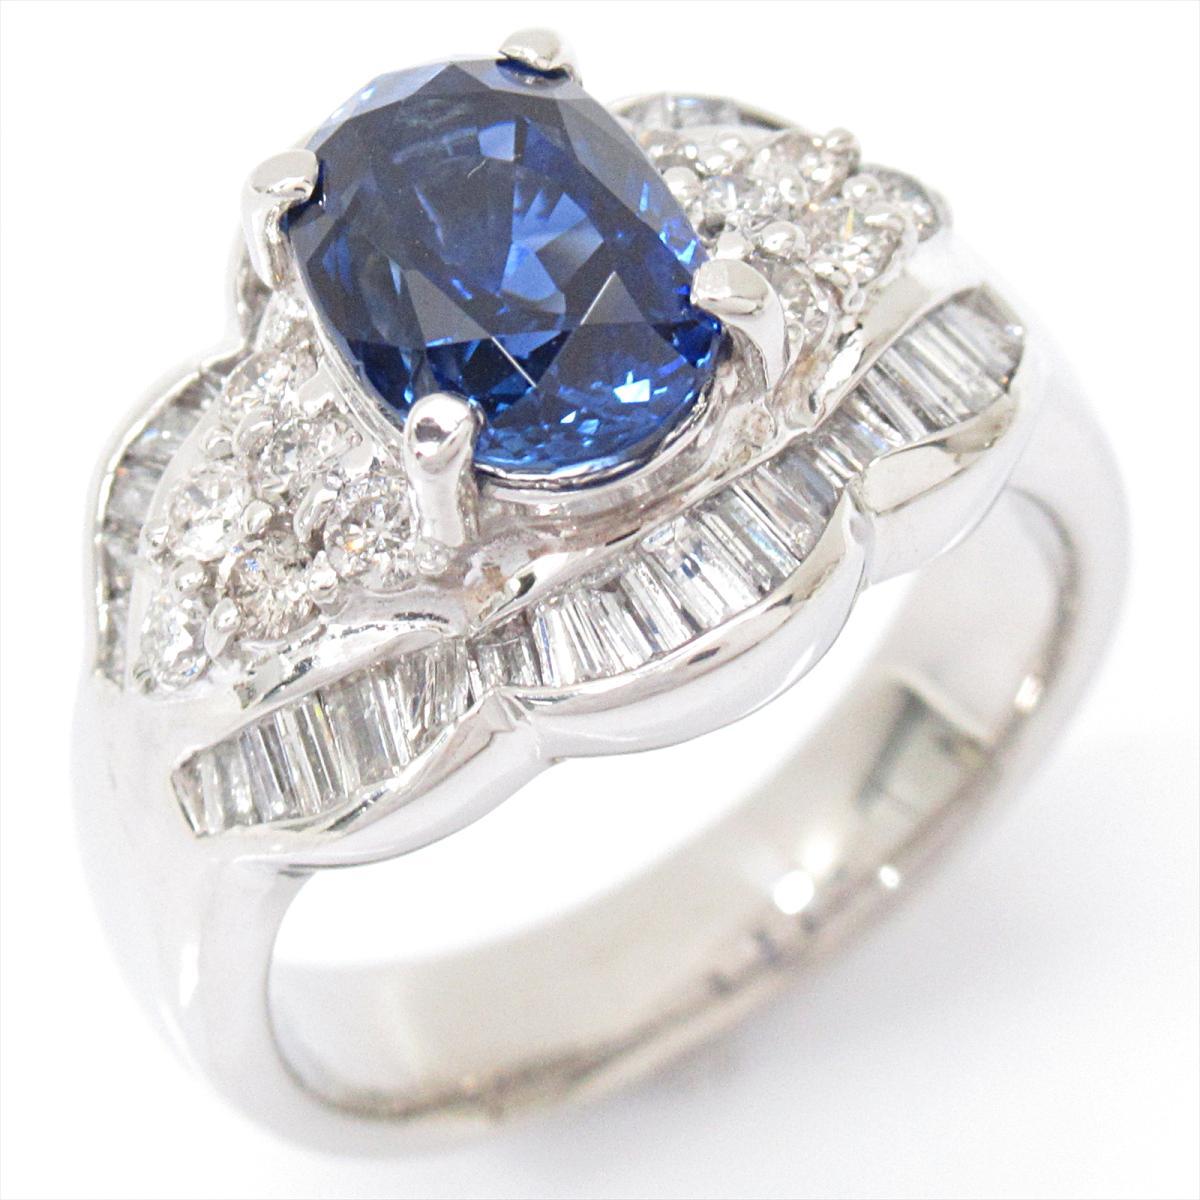 【中古】 ジュエリー サファイア リング 指輪 レディース PT900 プラチナ x (2.50ct) ダイヤモンド (1.00ct)   JEWELRY BRANDOFF ブランドオフ ブランド アクセサリー